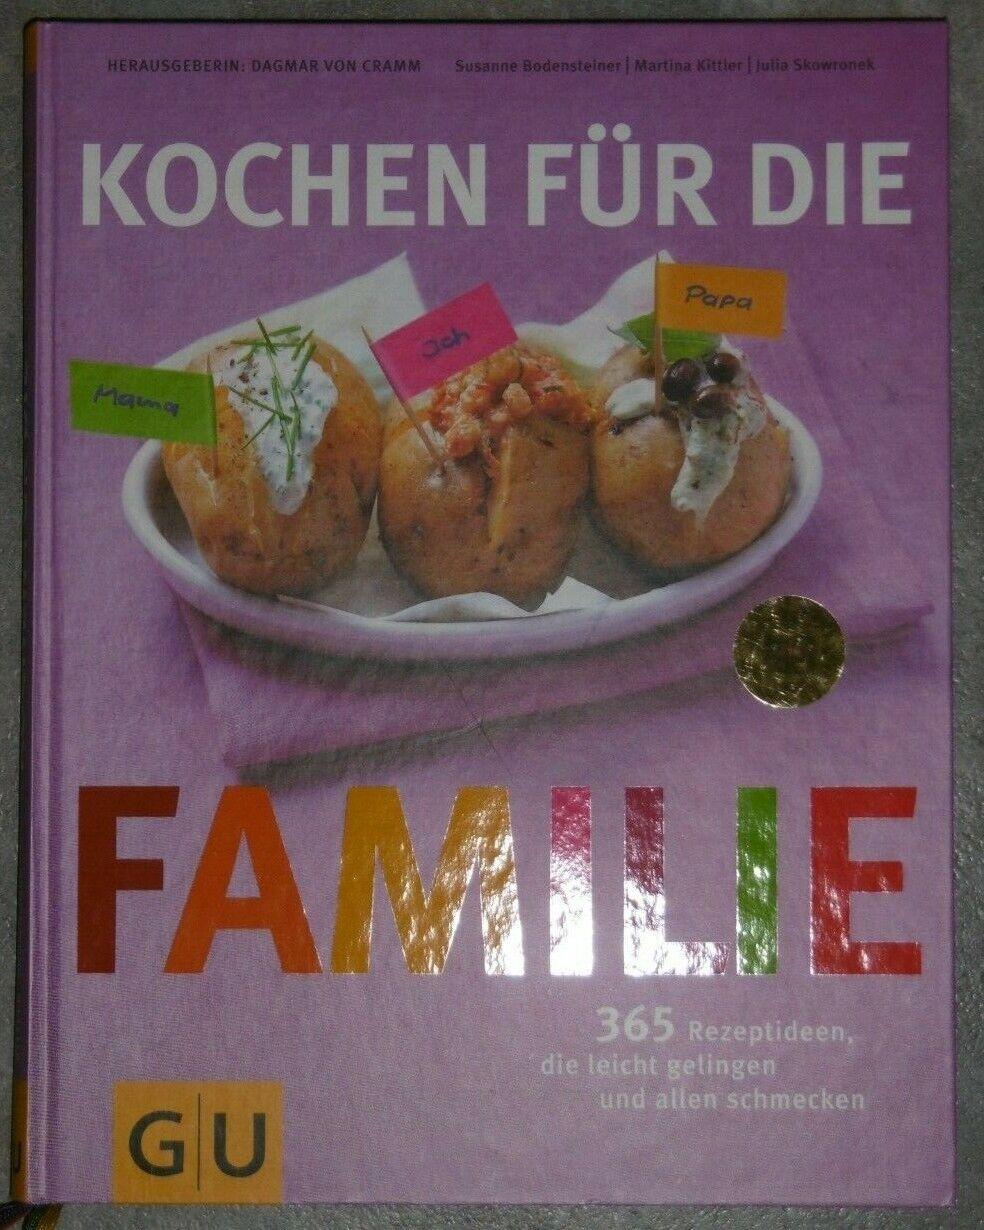 Kochen für die Familie von Susanne Bodensteiner (Gebundene Ausgabe)